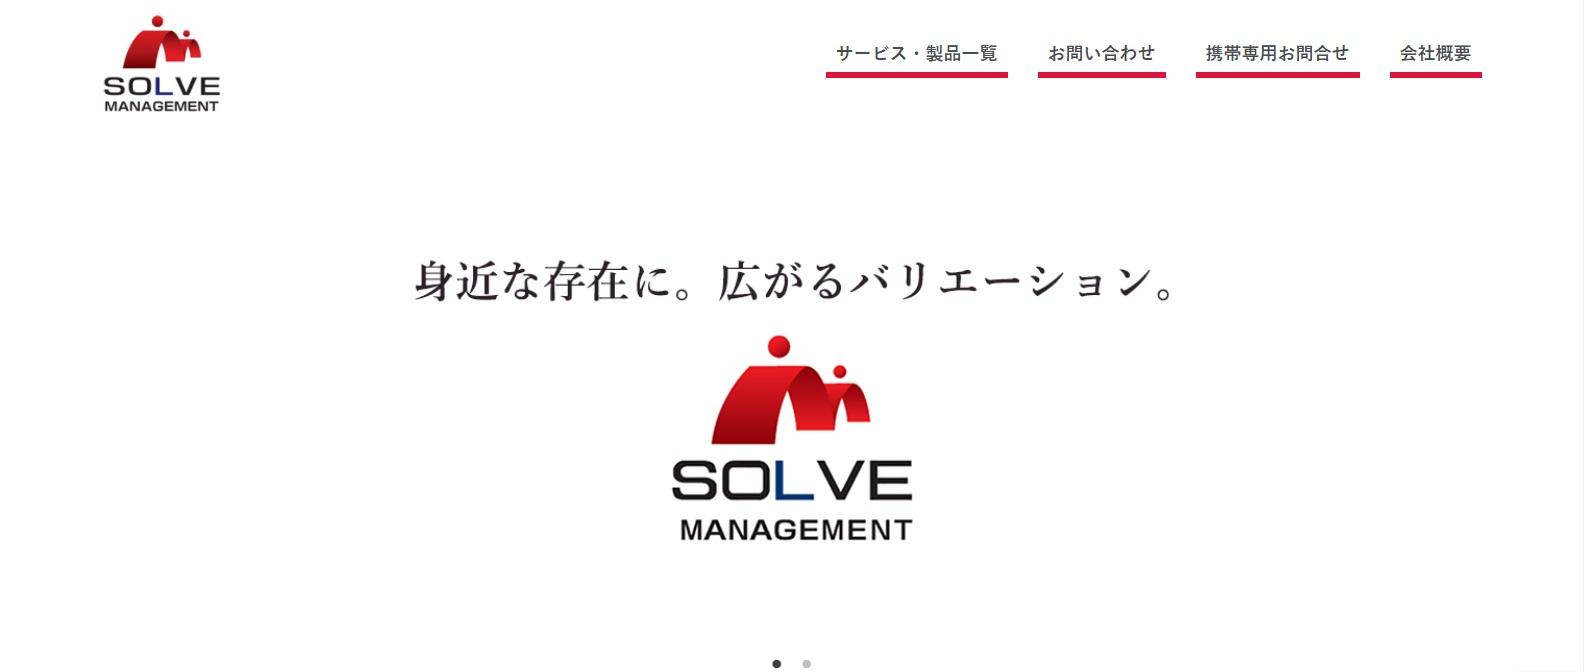 株式会社ソルブマネージメントが「アフターフォロー満足度 通信コンサルティング」など3項目で第1位を獲得!